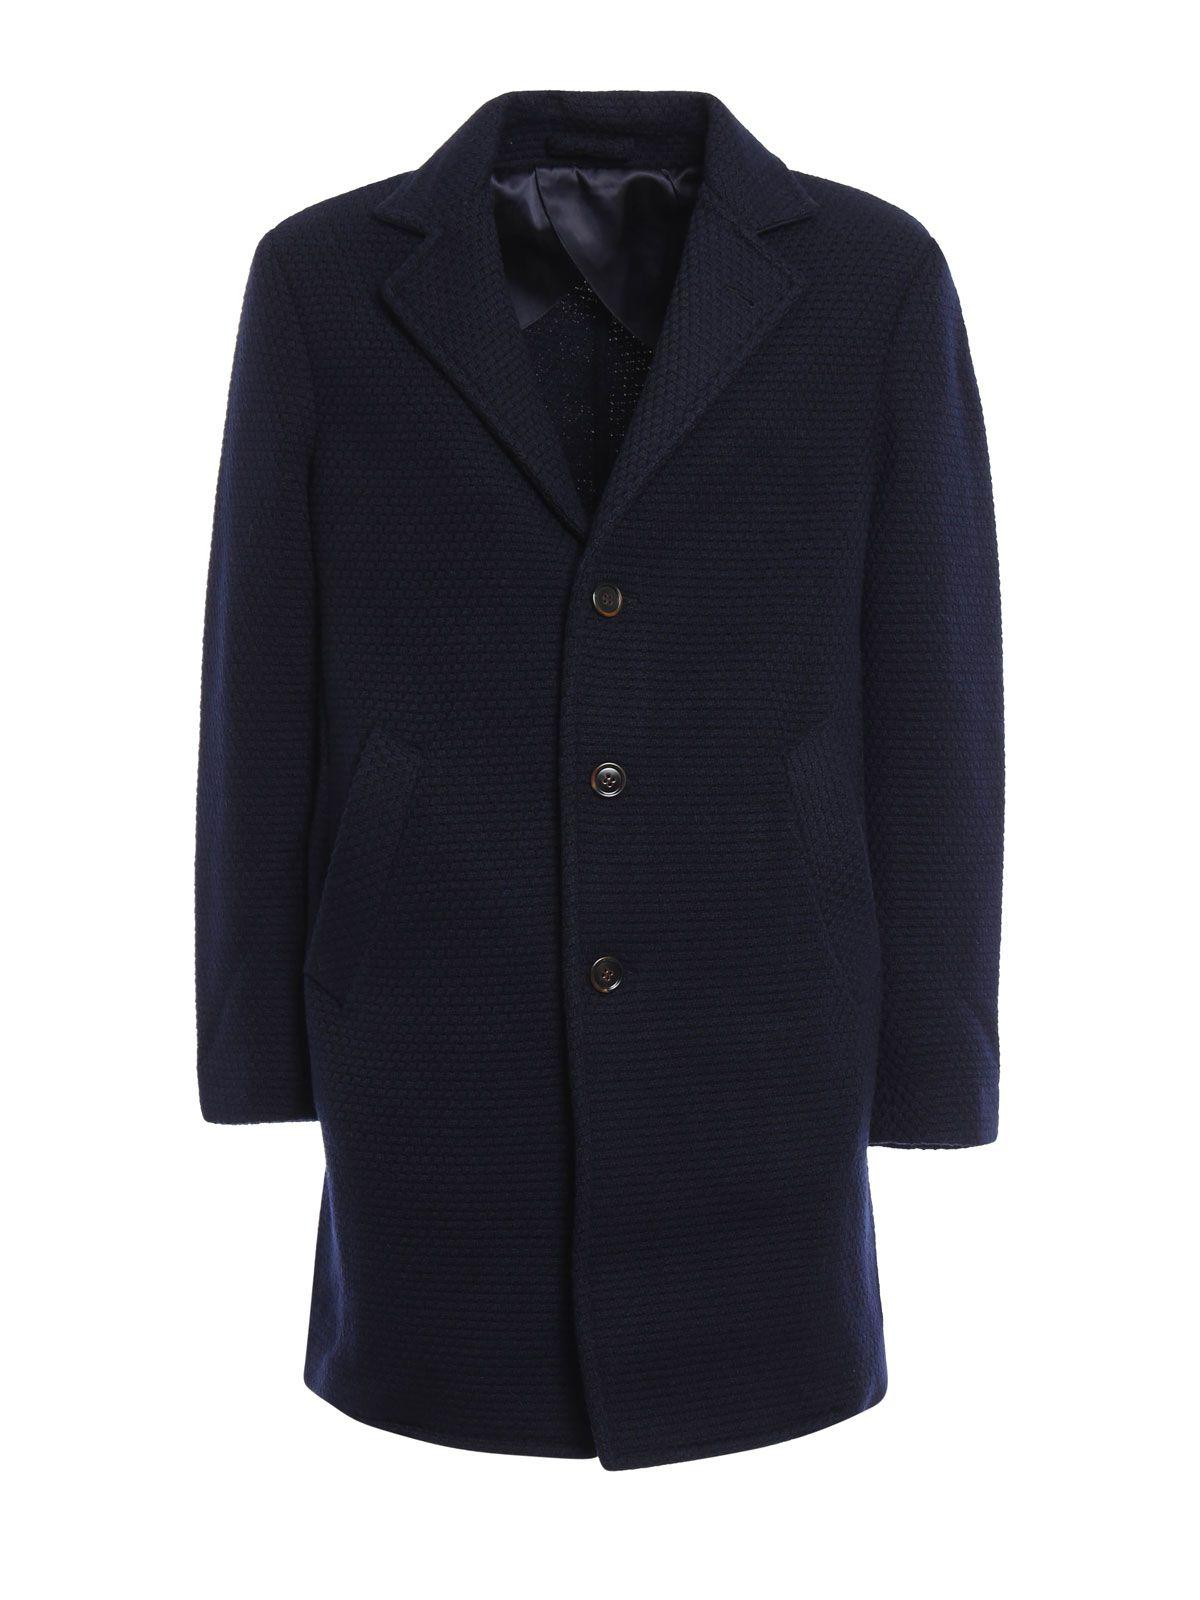 Lardini Basket Weave Wool Knitted Coat